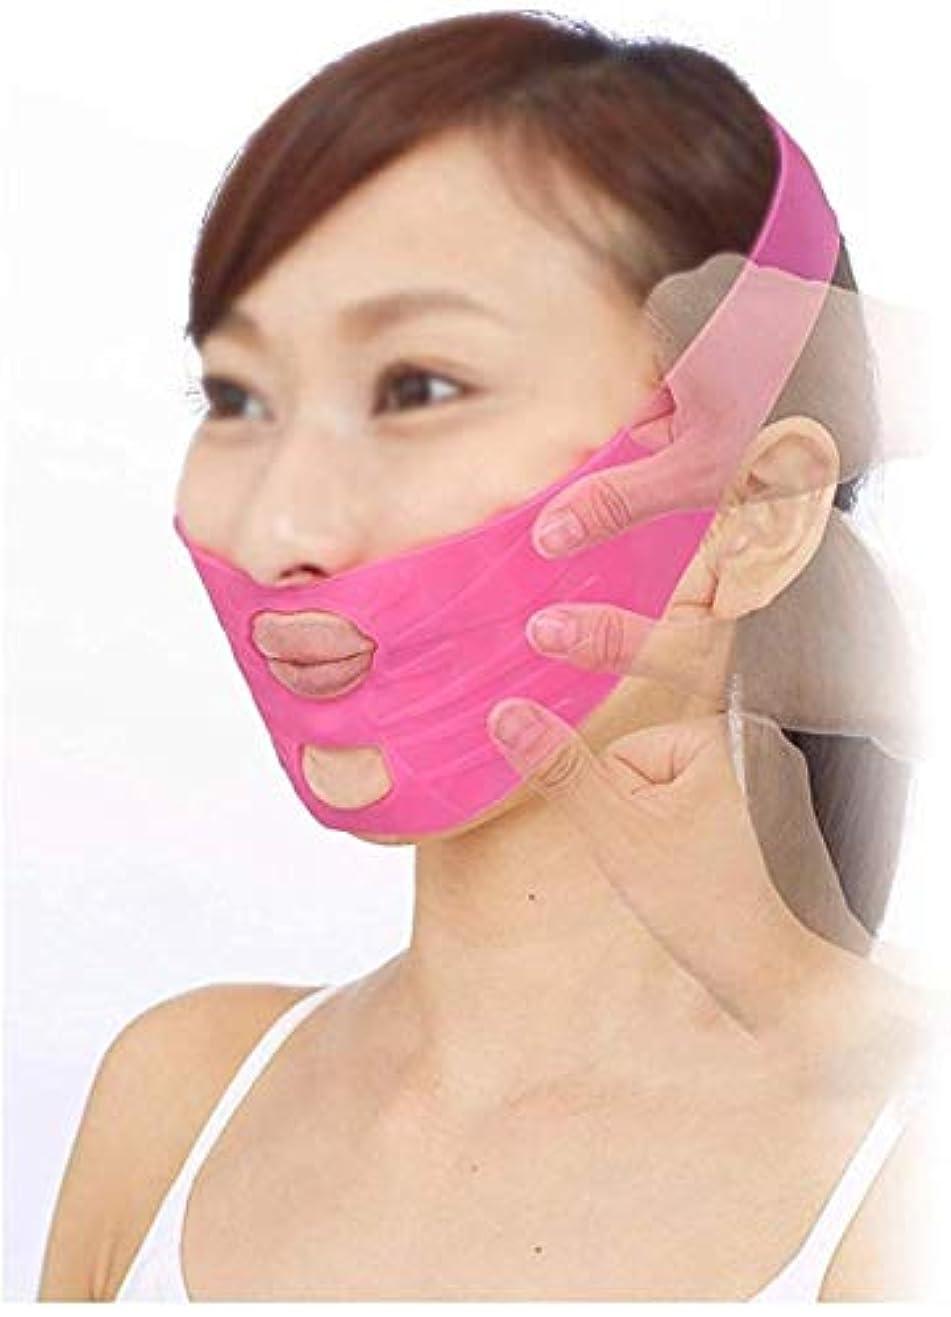 直接選択する老人美容と実用的なフェイシャルマスク、リフティングアーティファクトフェイスマスク小さなV顔包帯でたるみ顔通気性睡眠顔ダブルあごセット睡眠弾性Slim身ベルト